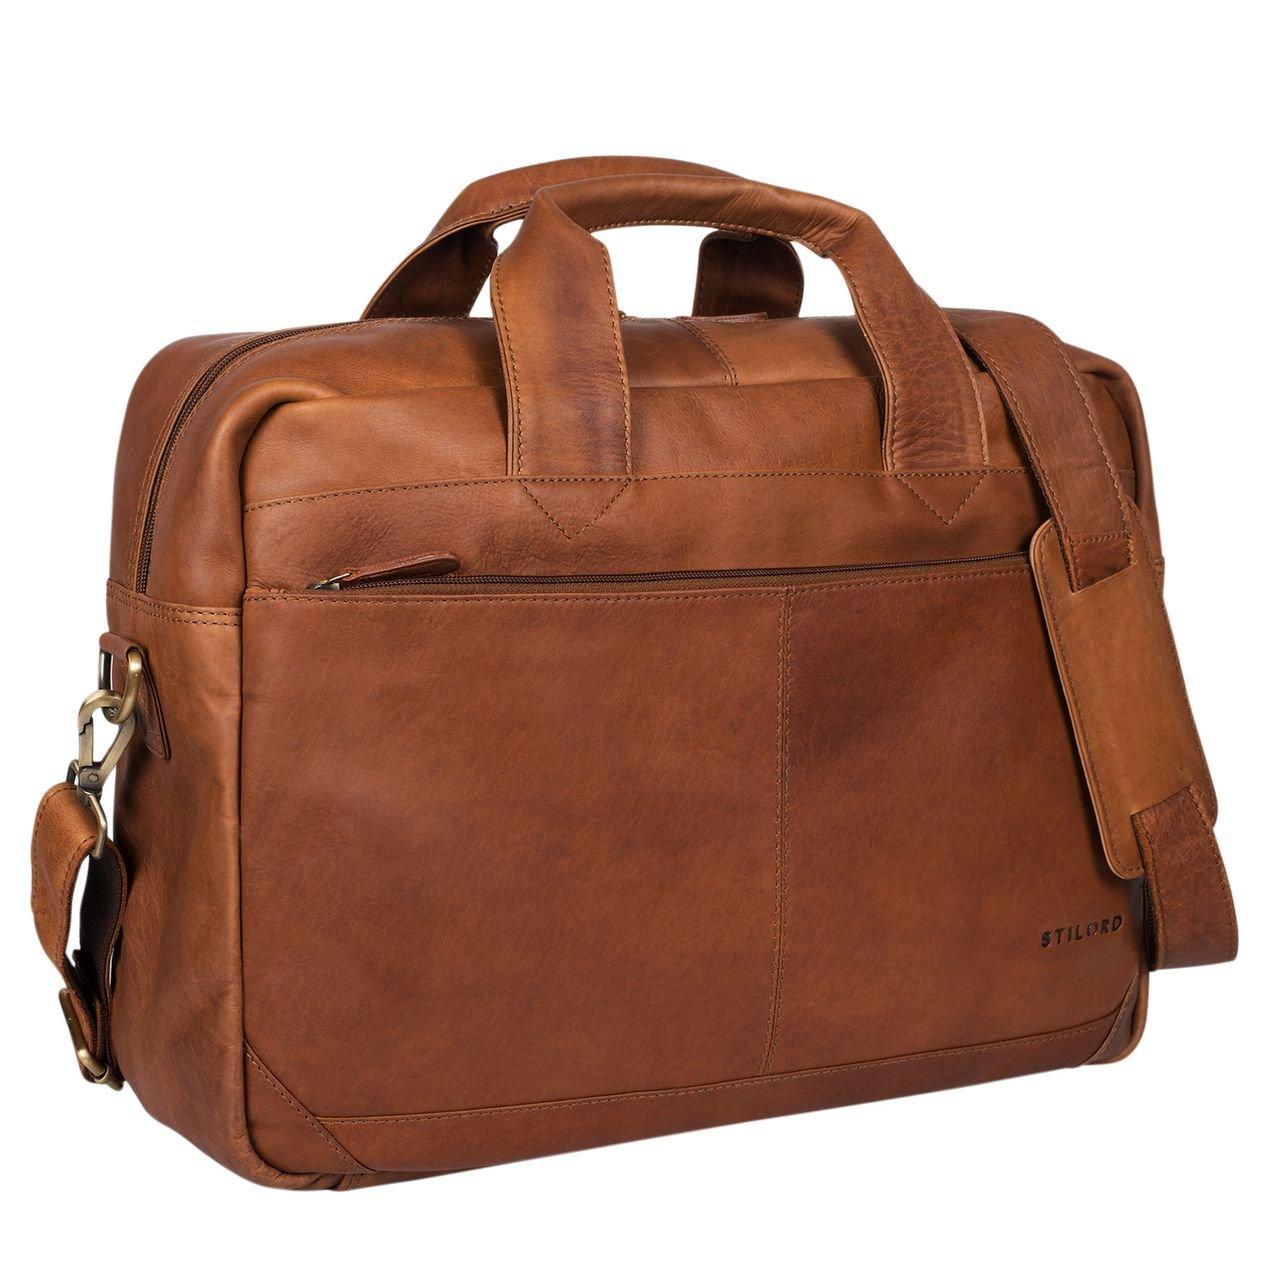 STILORD 'Amadeus' Borsa Lavoro a tracolla XL pelle vintage da uomo donna Grande portadocumenti borsa porta PC 15.6 pollici ventiquattrore in vero cuoio, Colore:cognac marrone scuro